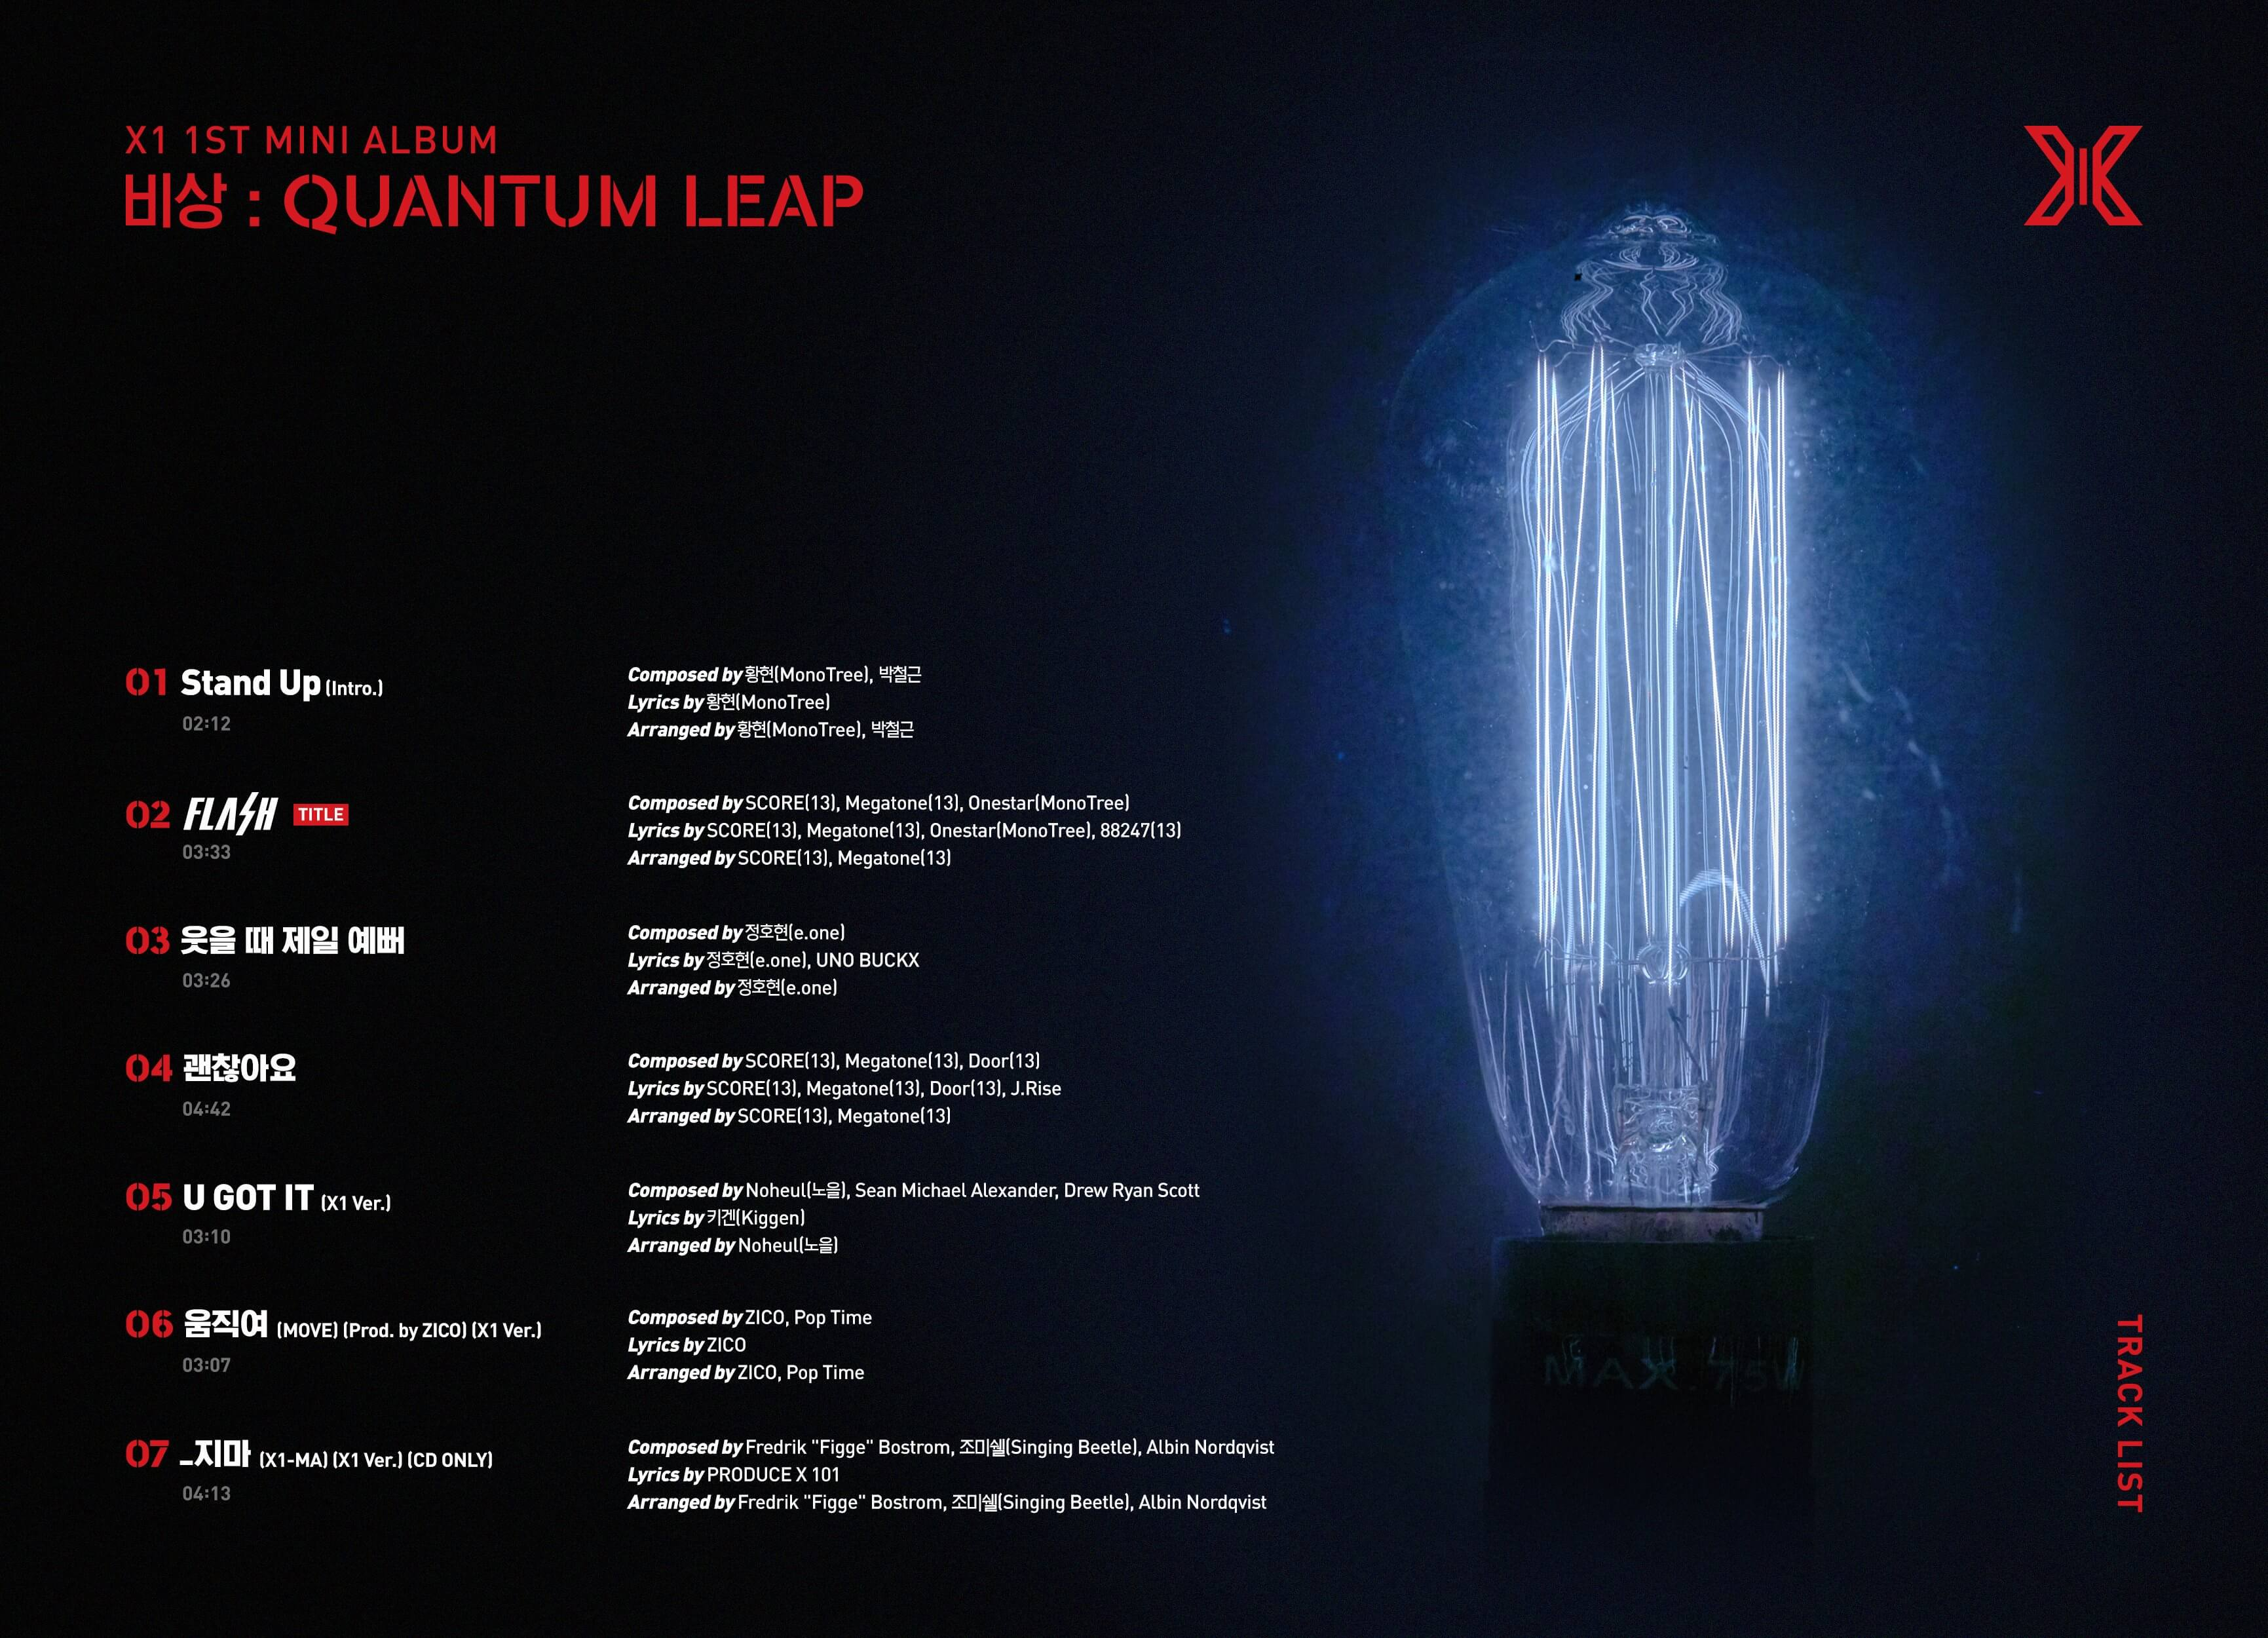 Quantum Leap Tracklist Flash